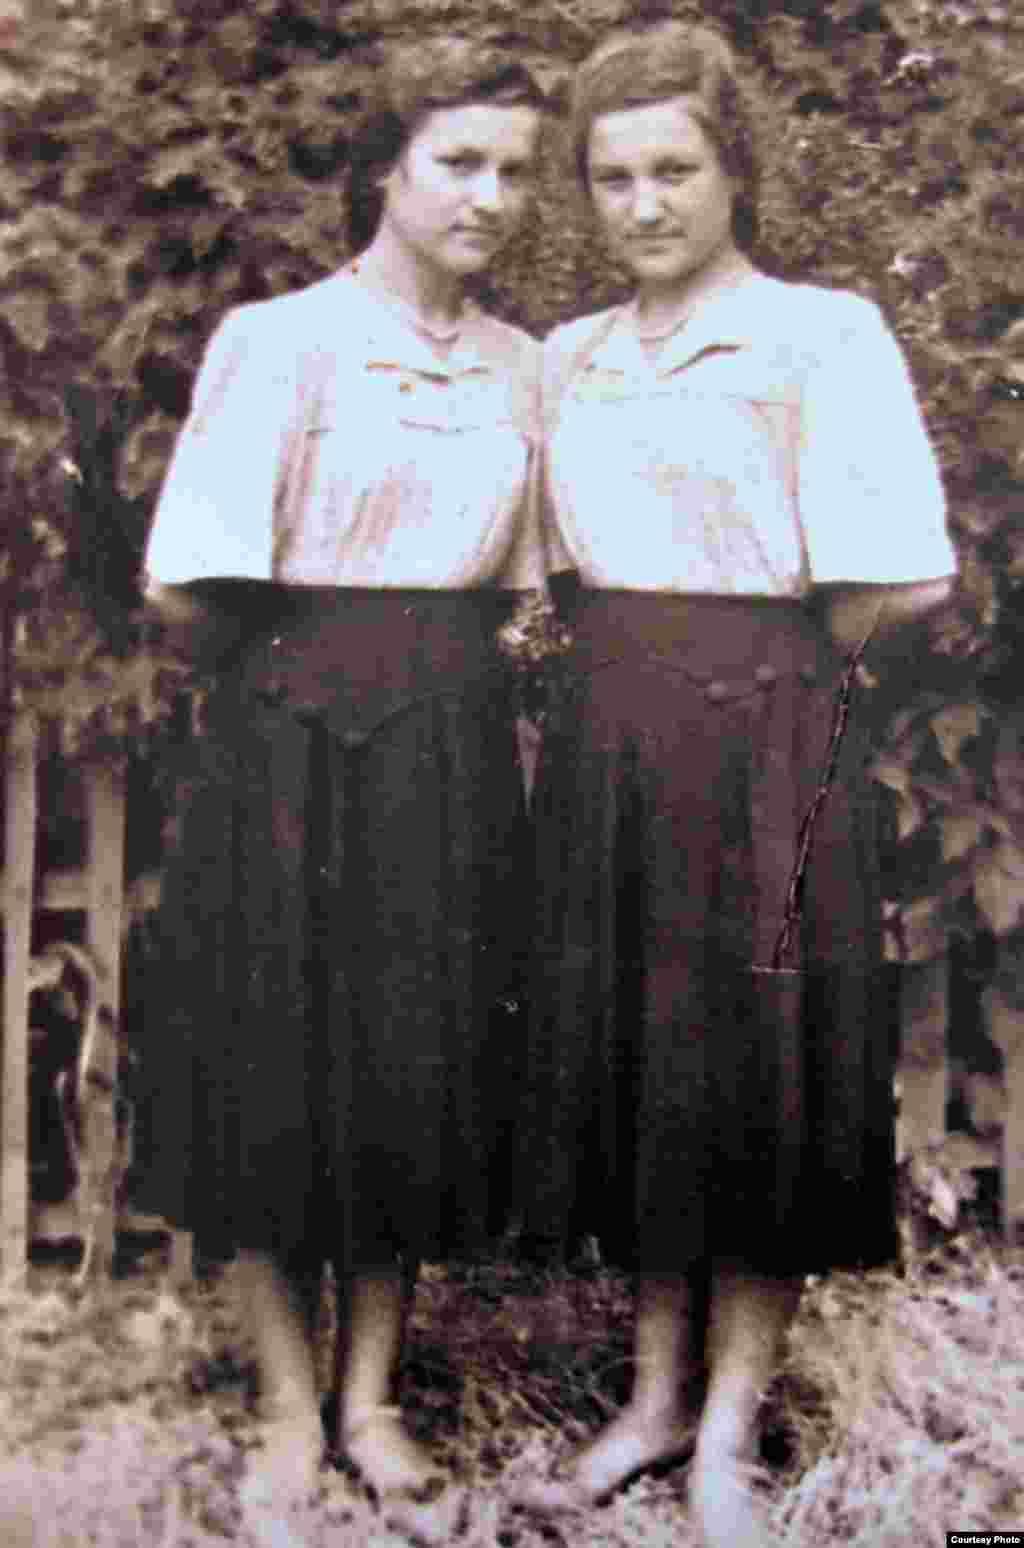 (stânga) Silvia și Olga Calea-Valea în vârstă de 16 ani, la o ieșire în parc. Sculeni, 1954